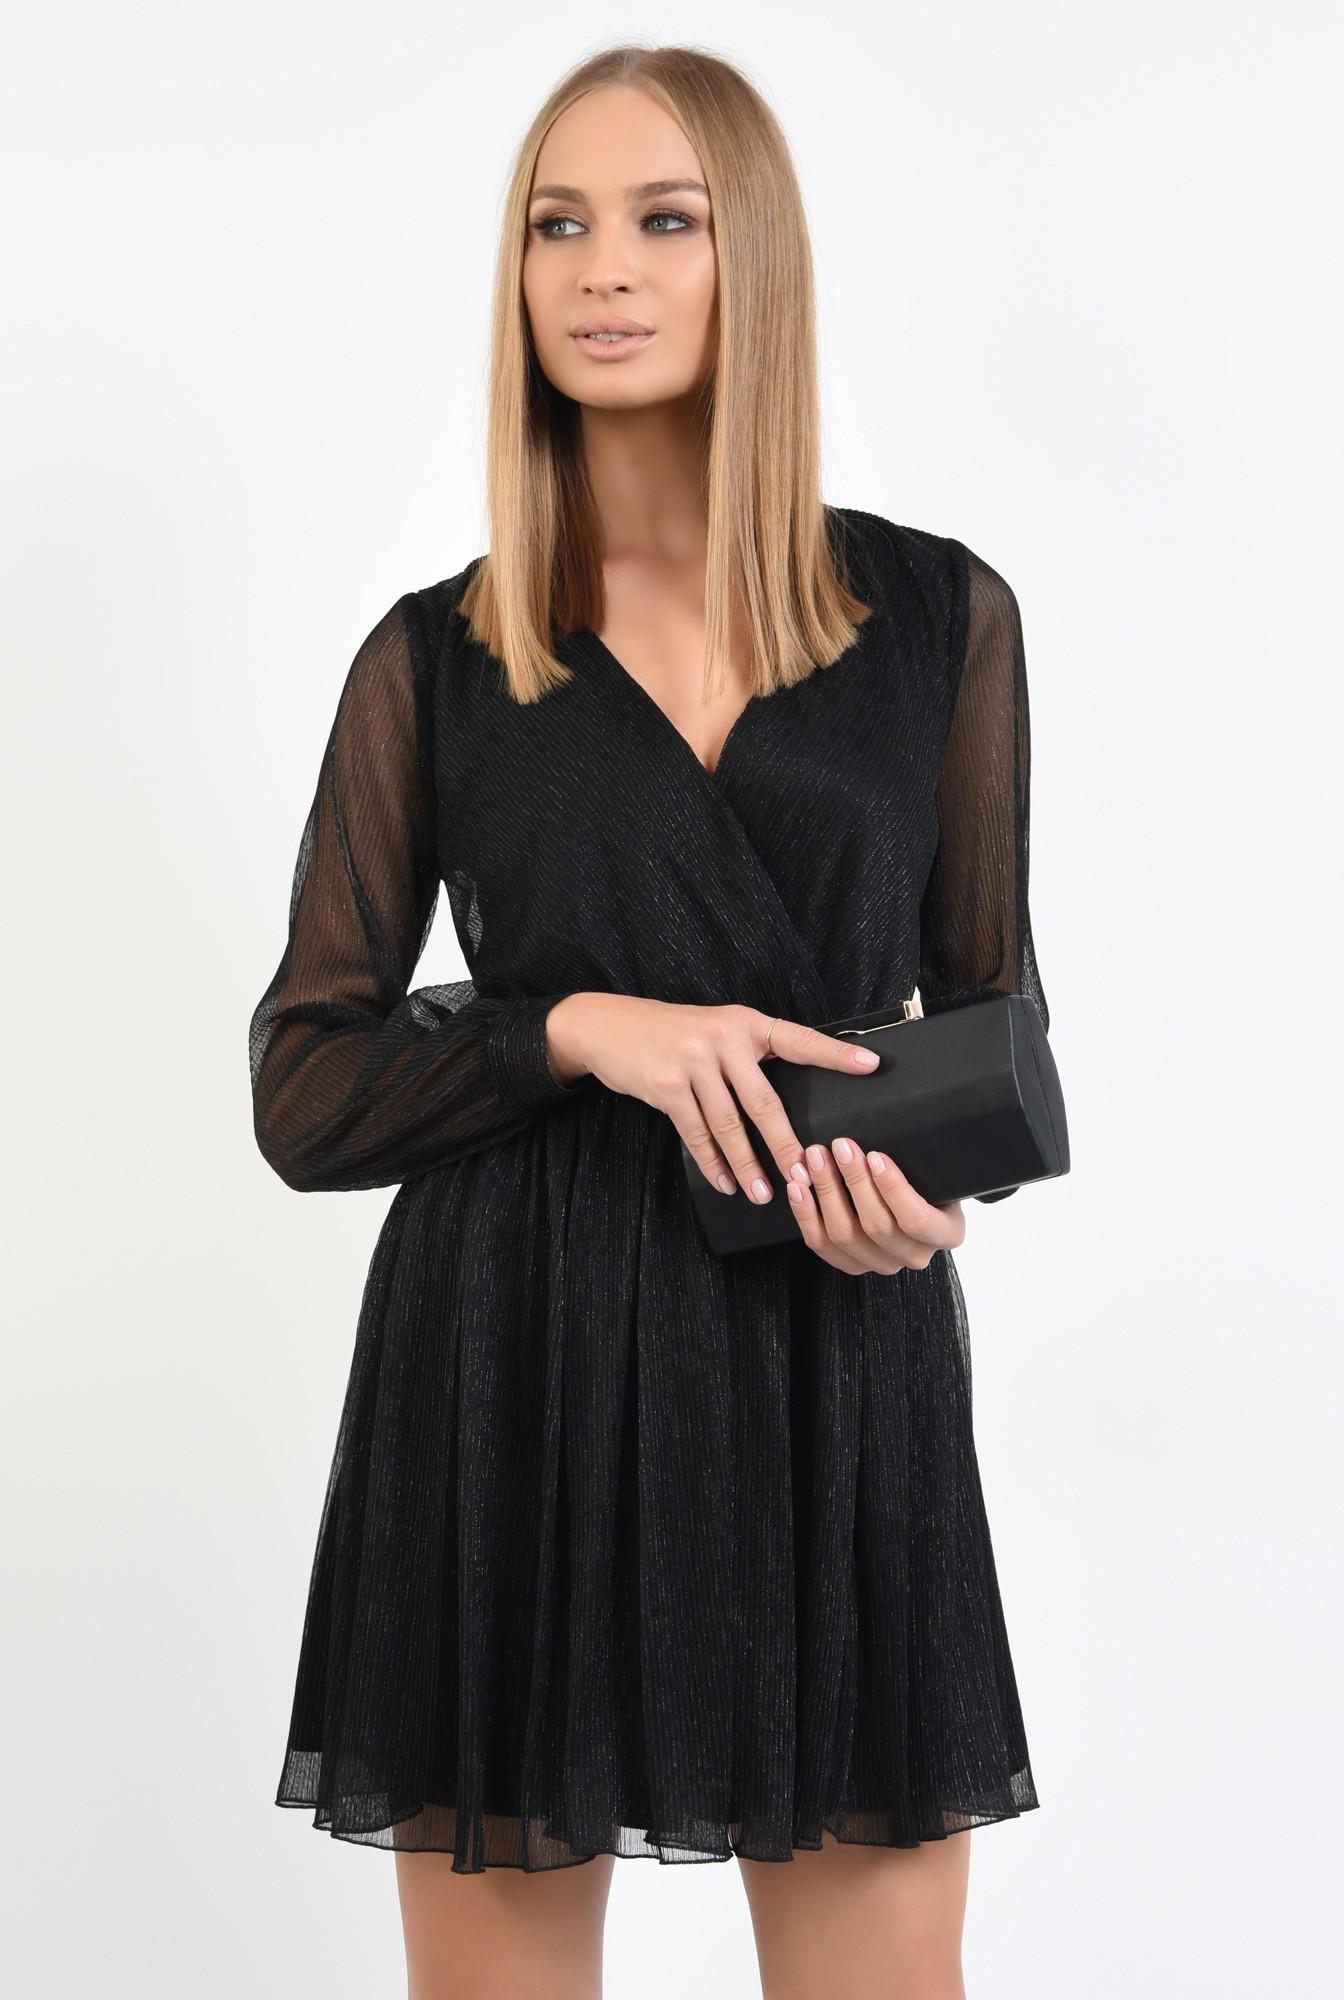 2 - 360 - rochie eleganta, mini, anchior petrecut, negru